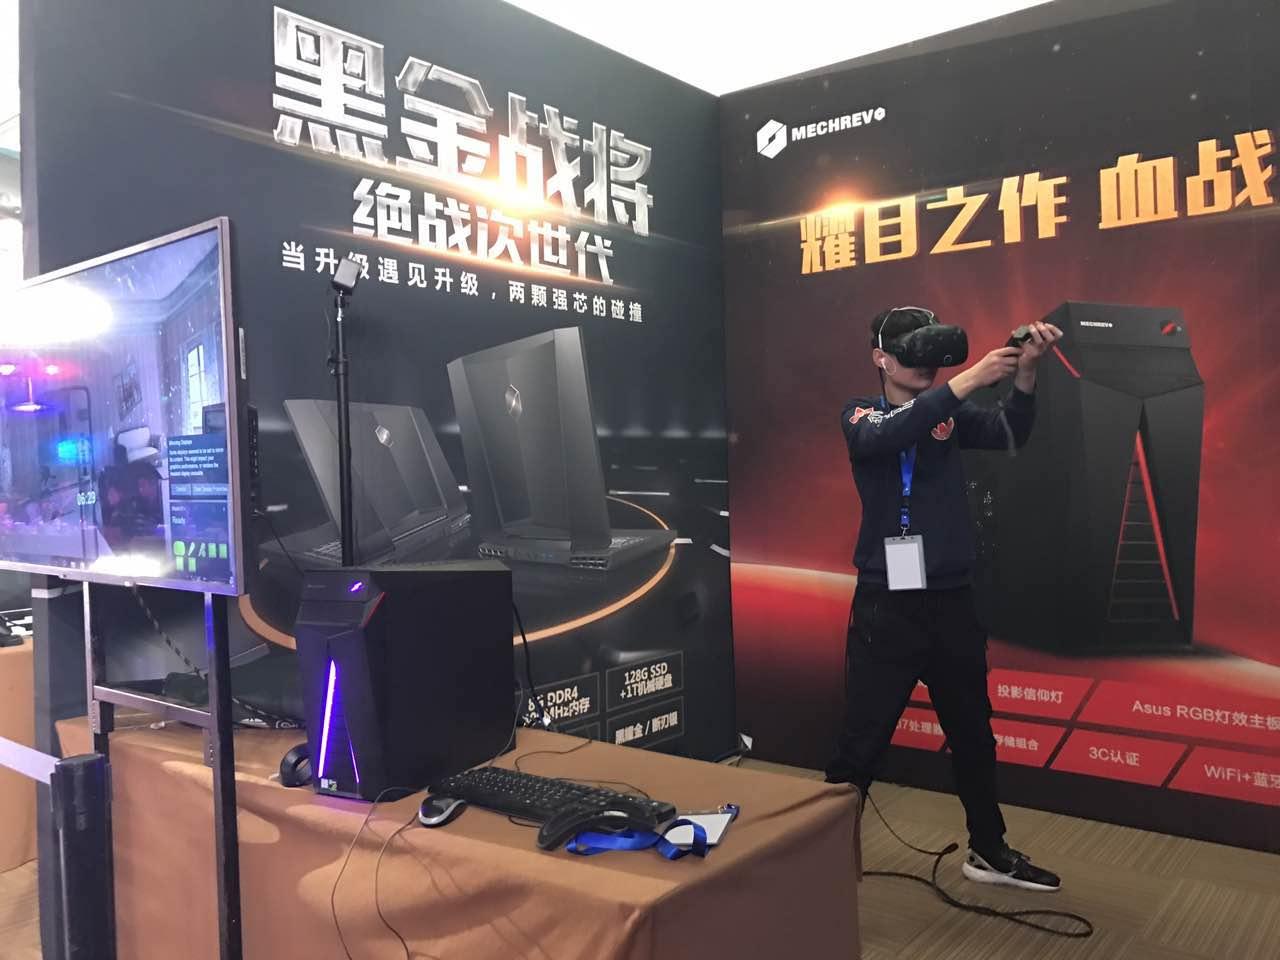 《雇佣兵VR枪王争霸赛》完美落幕 大咖共话VR电竞